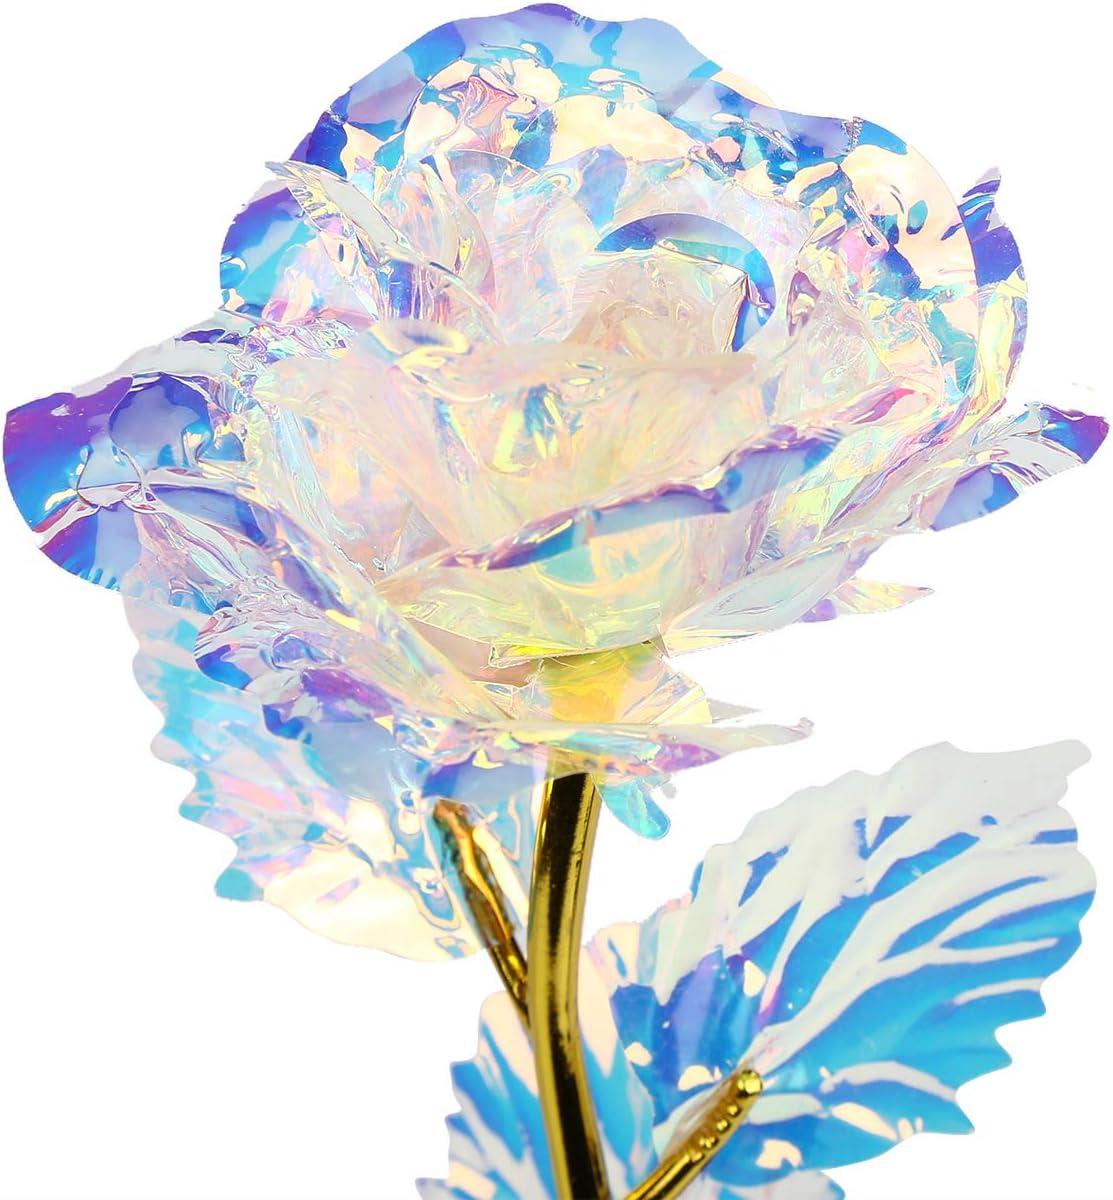 Mitening Personalisierte Frauen Geschenk 24K Gold Rose K/ünstliche Blumen Handgefertigt Deko Geschenke f/ür Hochzeit Freundin Mama Muttertag Frau Geburtstag Hochzeitstag Jahrestag Dankesch/ön Schwester